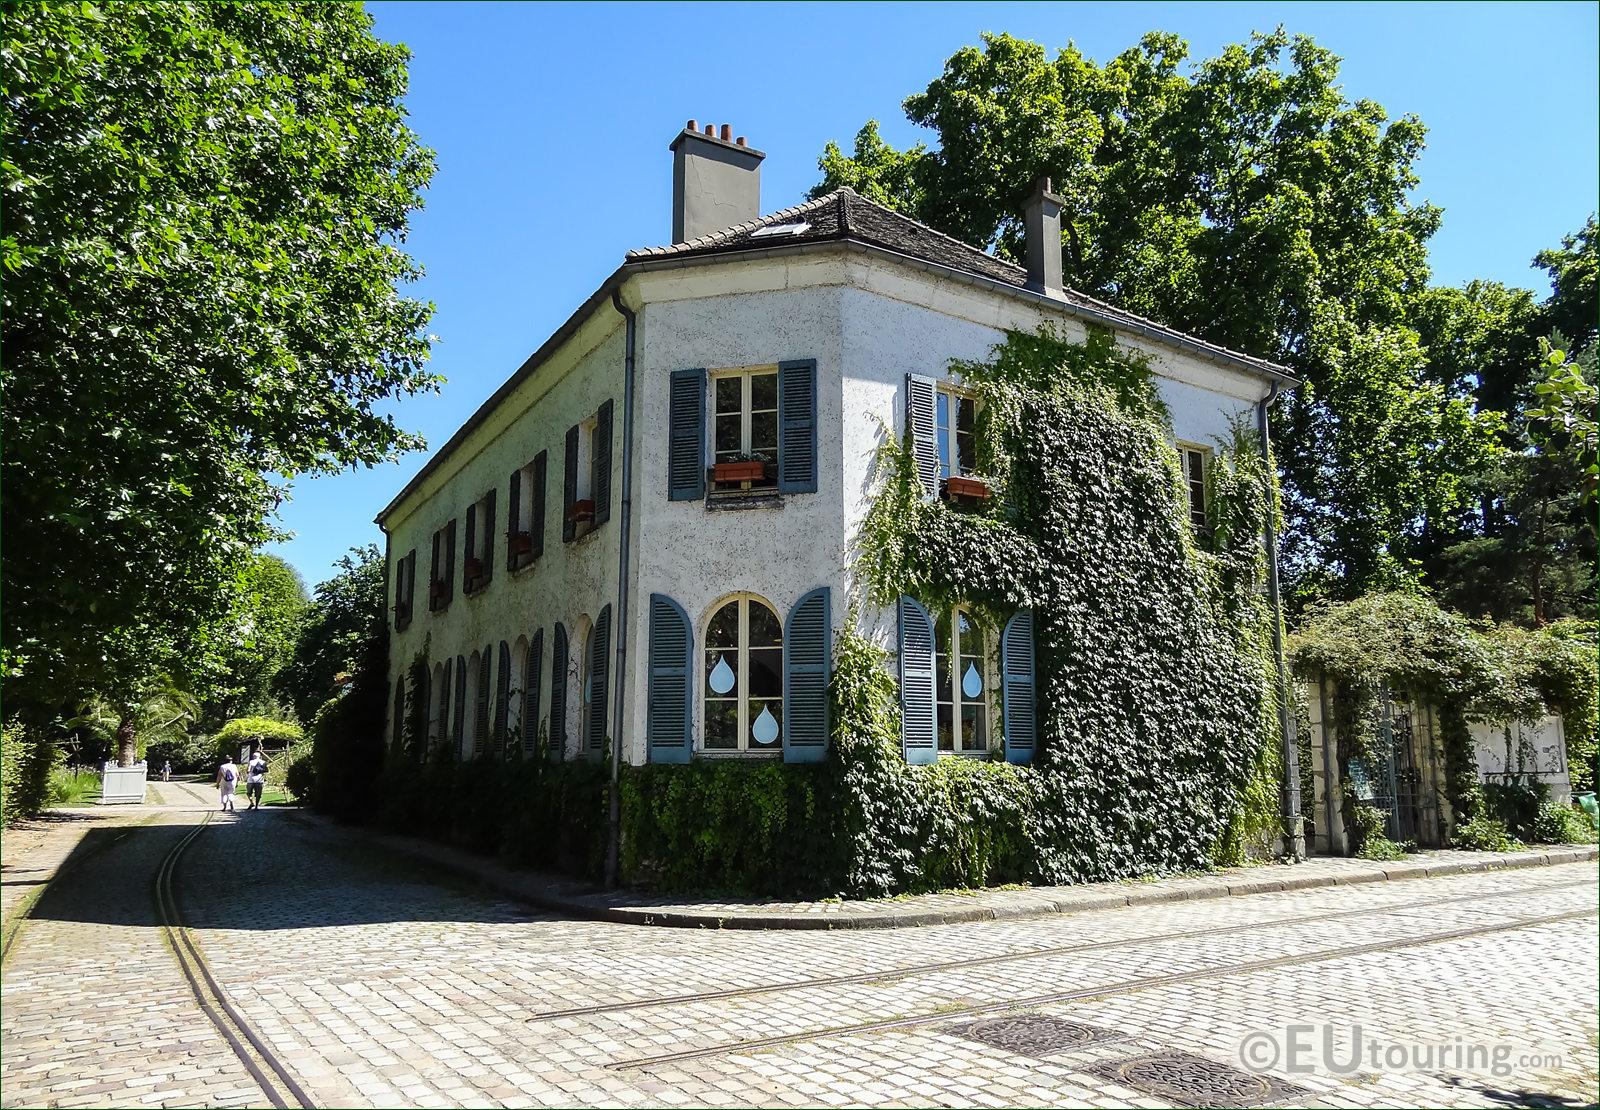 HD Photographs Of Maison du Jardinage In Parc de Bercy Paris France